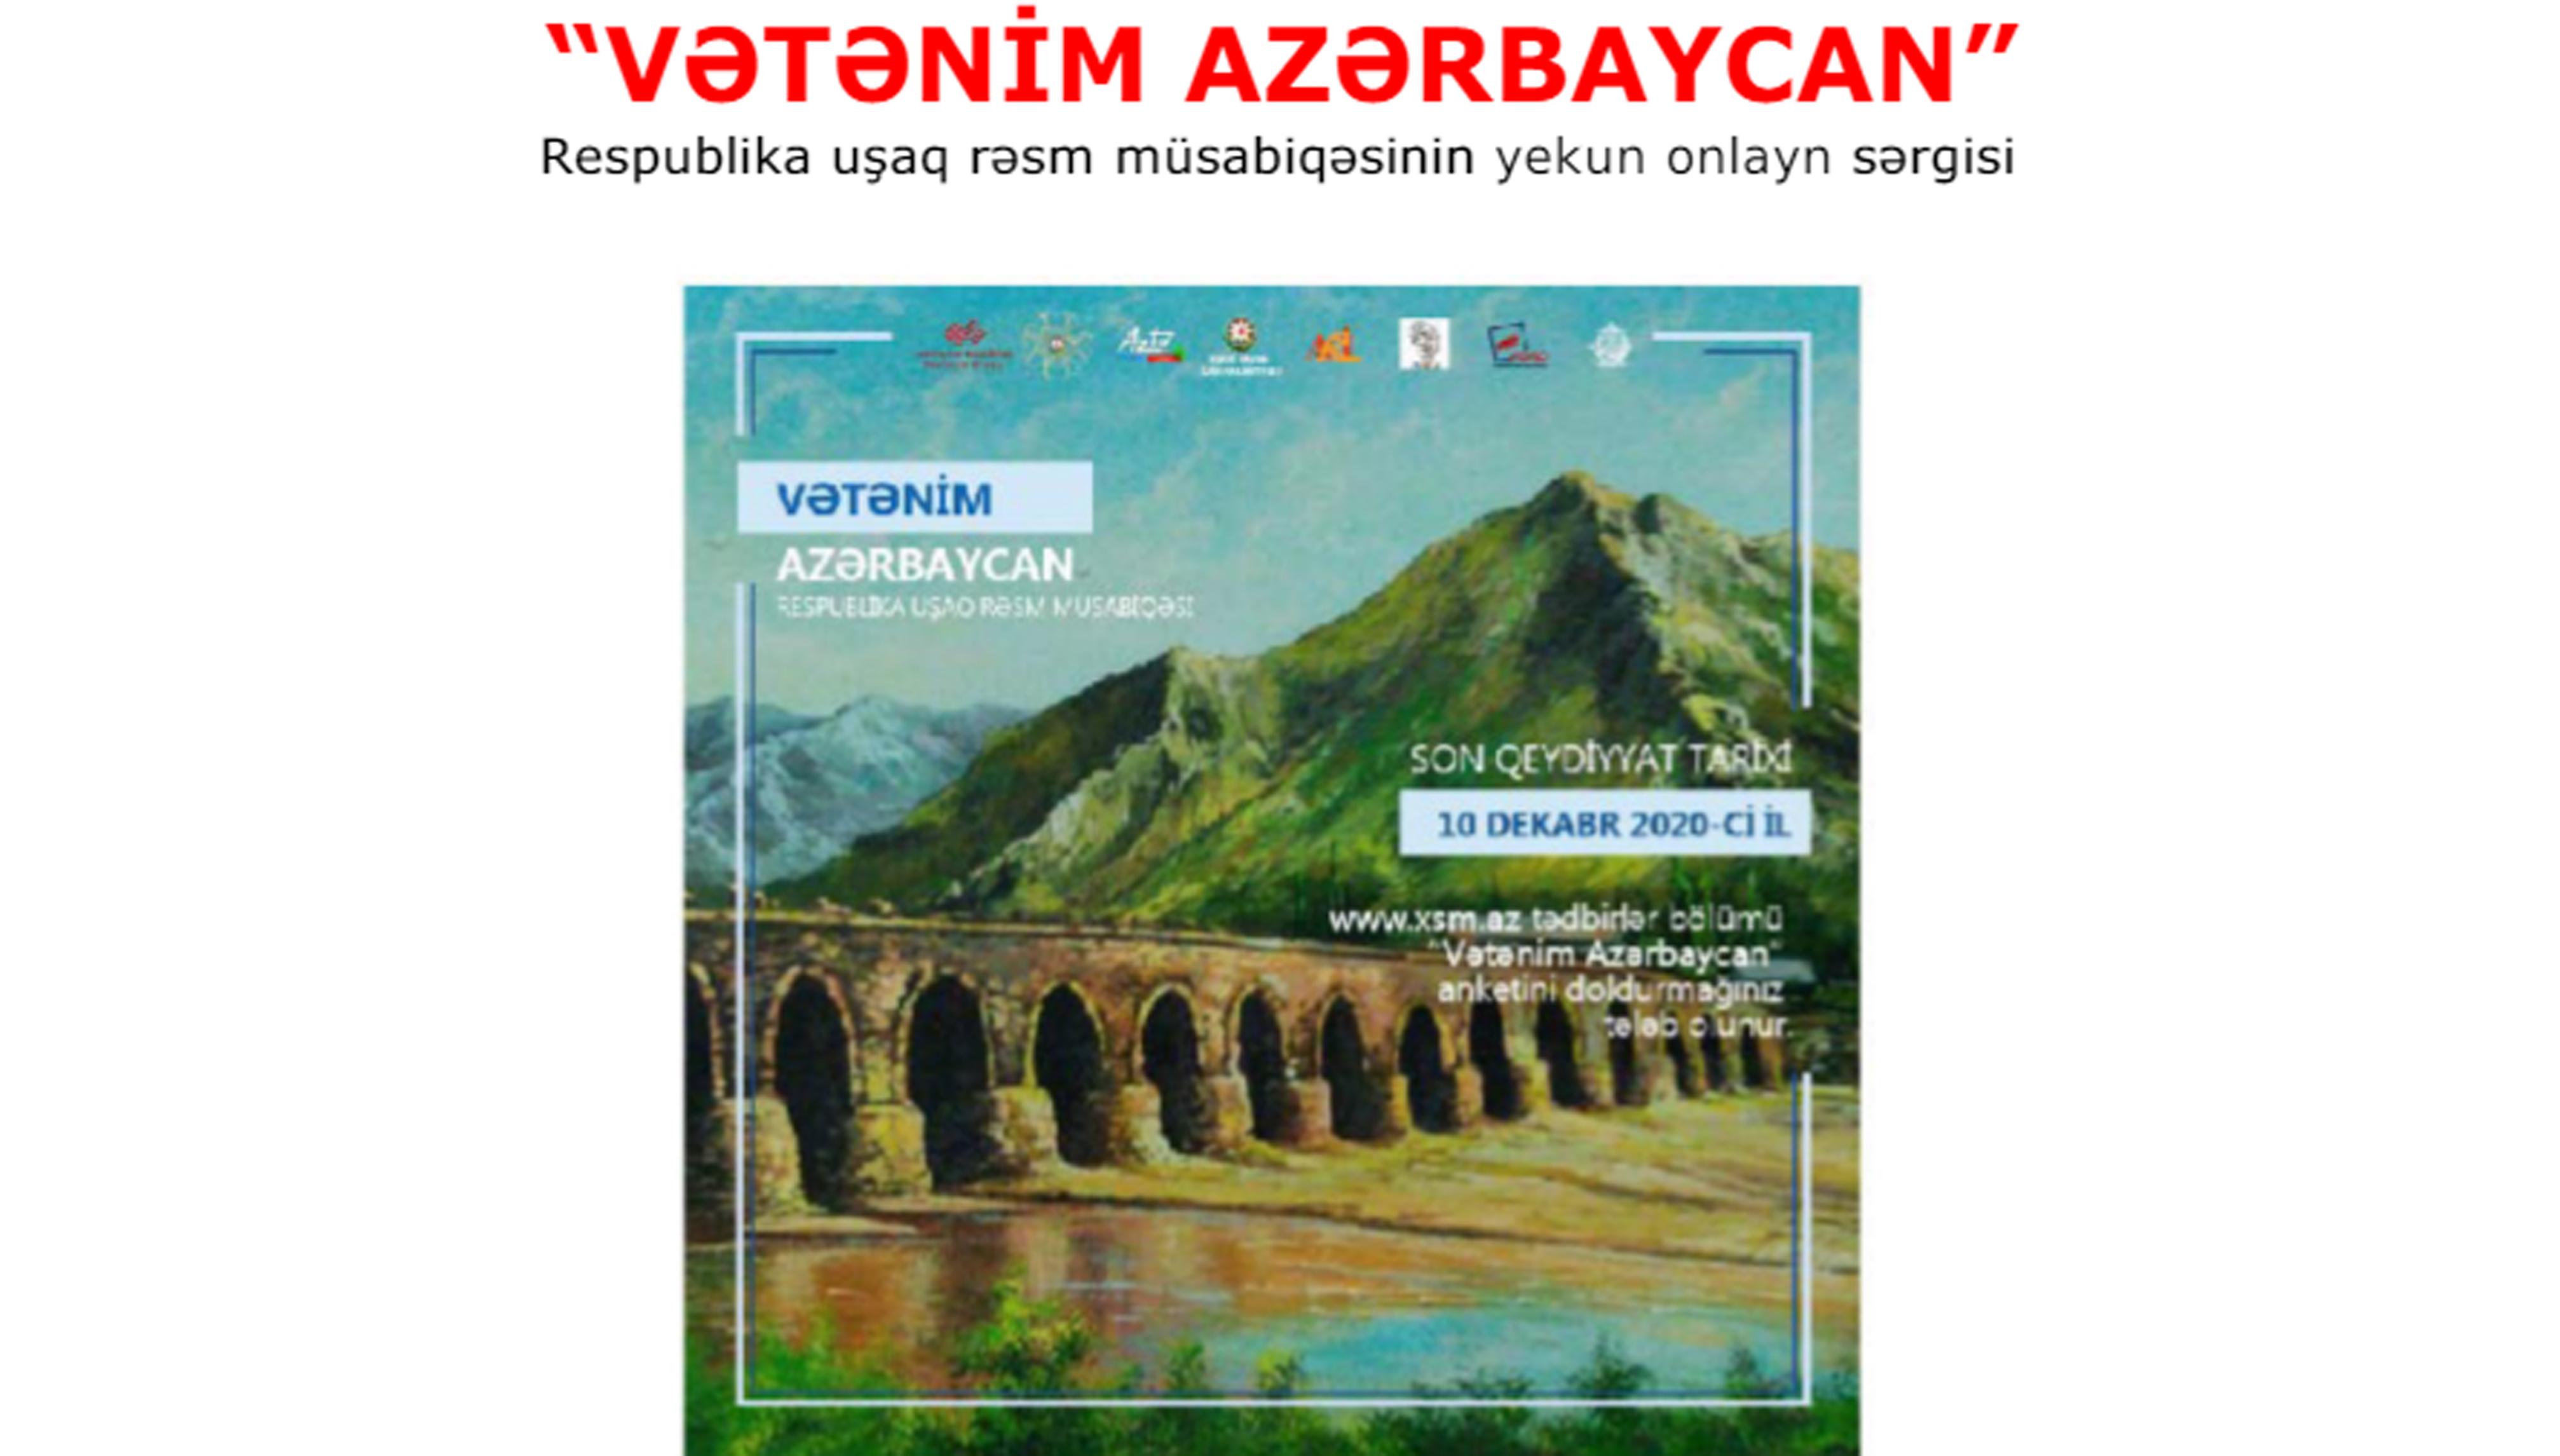 """""""VƏTƏNİM AZƏRBAYCAN"""" adlı Respublika uşaq rəsm müsabiqəsinə qeydiyyat başa çatmışdır"""